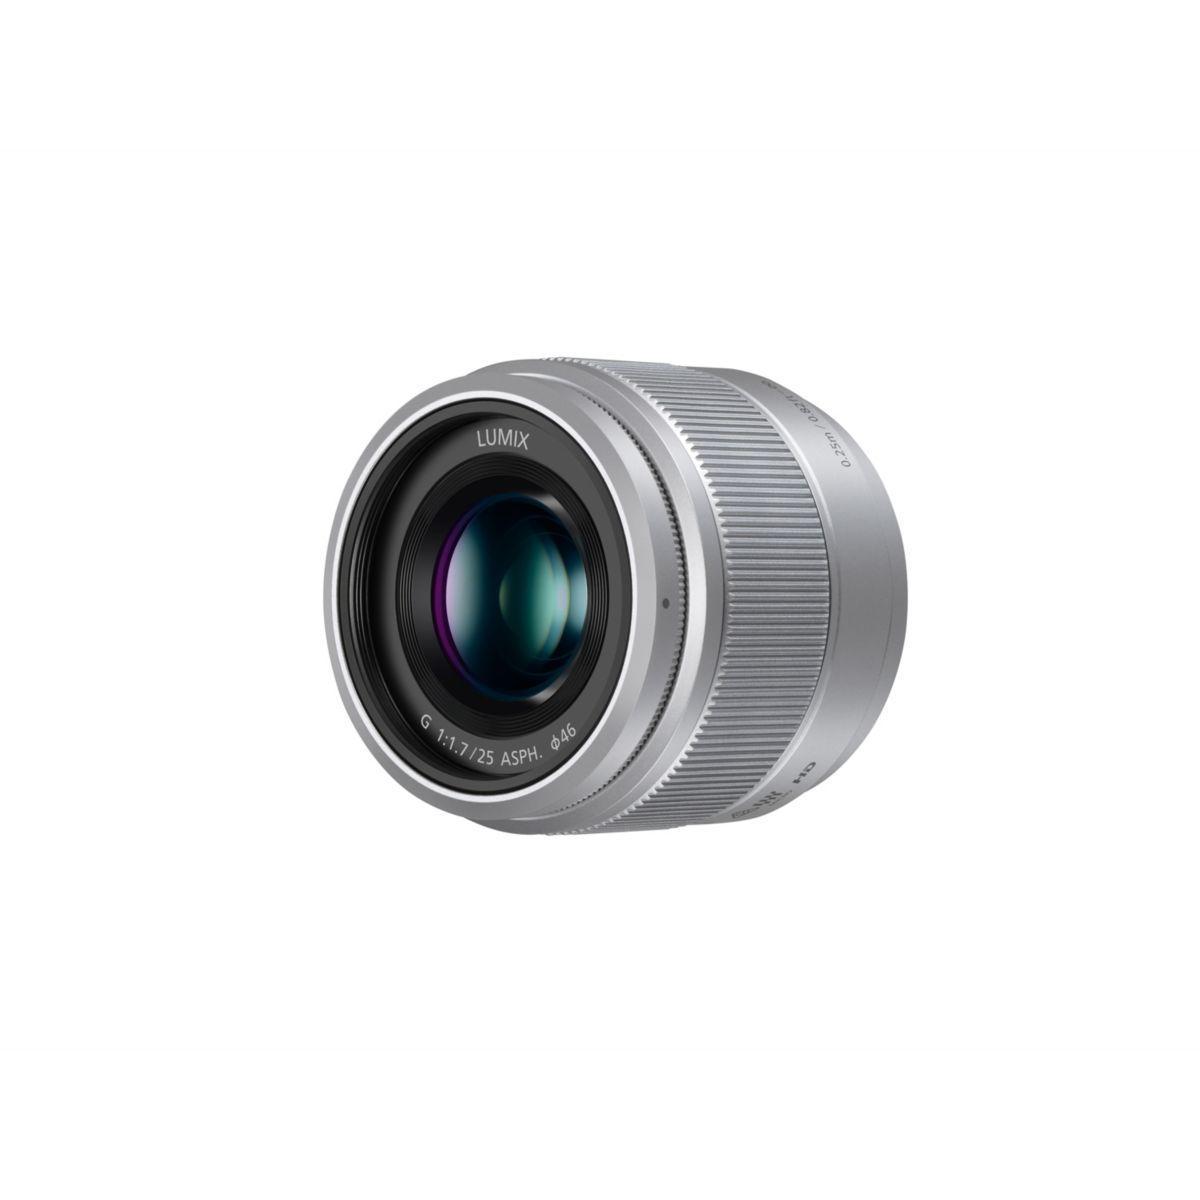 Objectif pour hybride panasonic 25mm f/1.7 silver lumix g - 5% de remise imm�diate avec le code : deal5